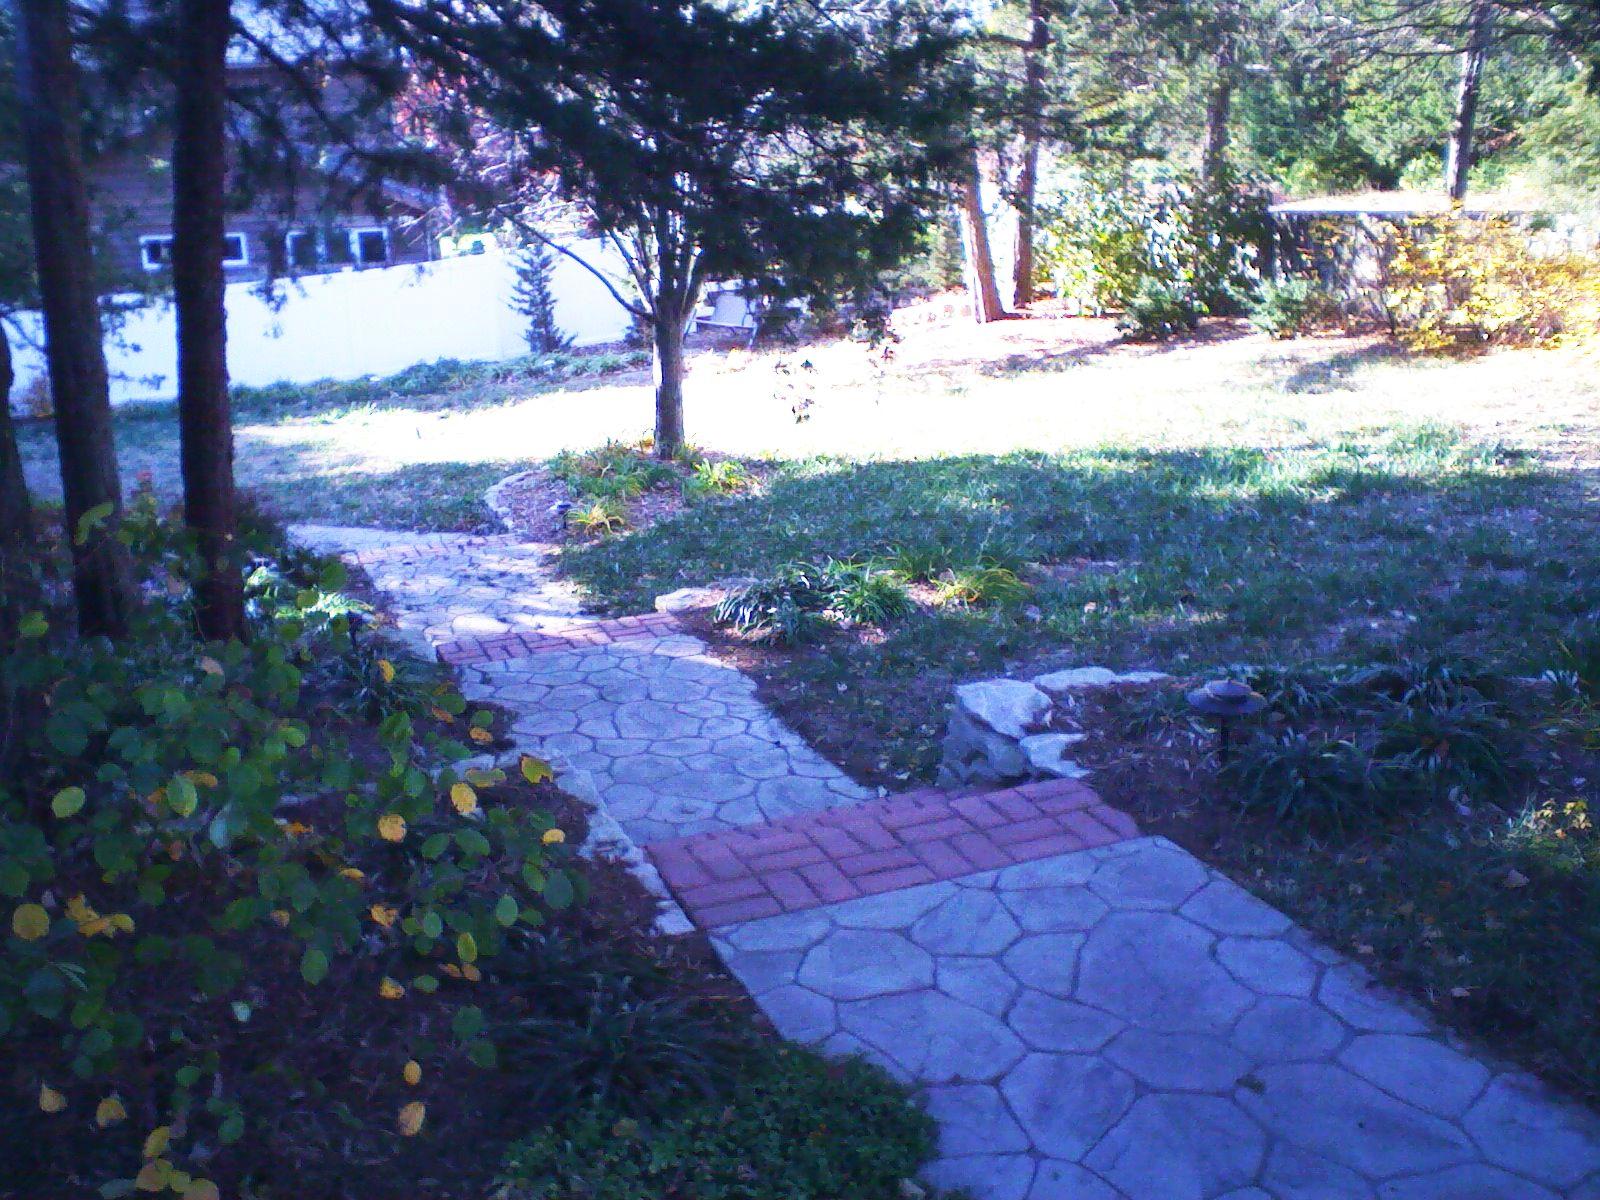 http://1.bp.blogspot.com/_x2tnDSc1EDg/TNwMr4qRSjI/AAAAAAAABj8/oSRPkLfDsAQ/s1600/samplePhoto.jpg